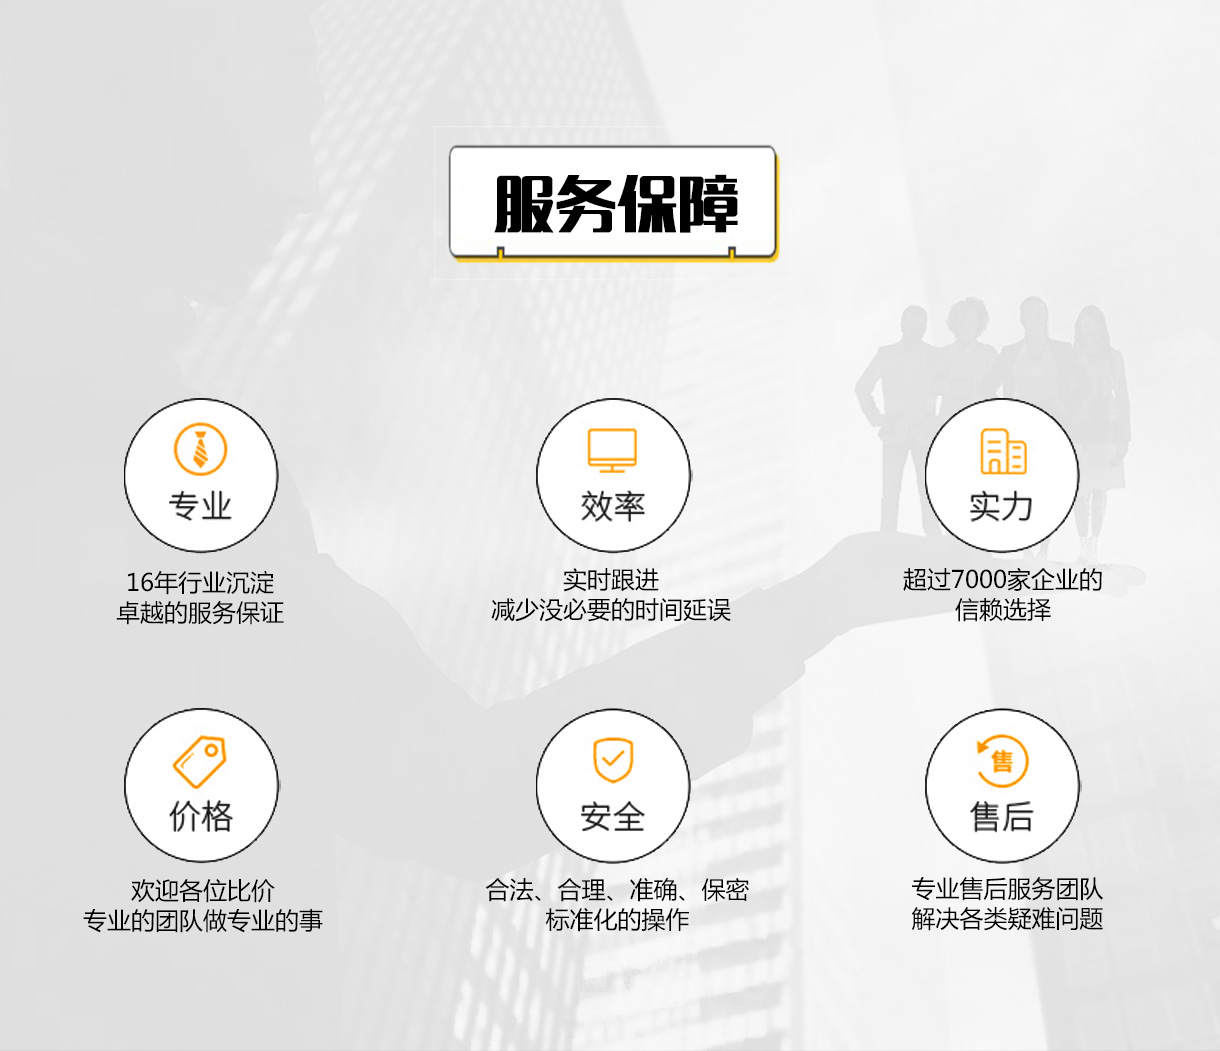 上海起跑线创业孵化股份有限公司